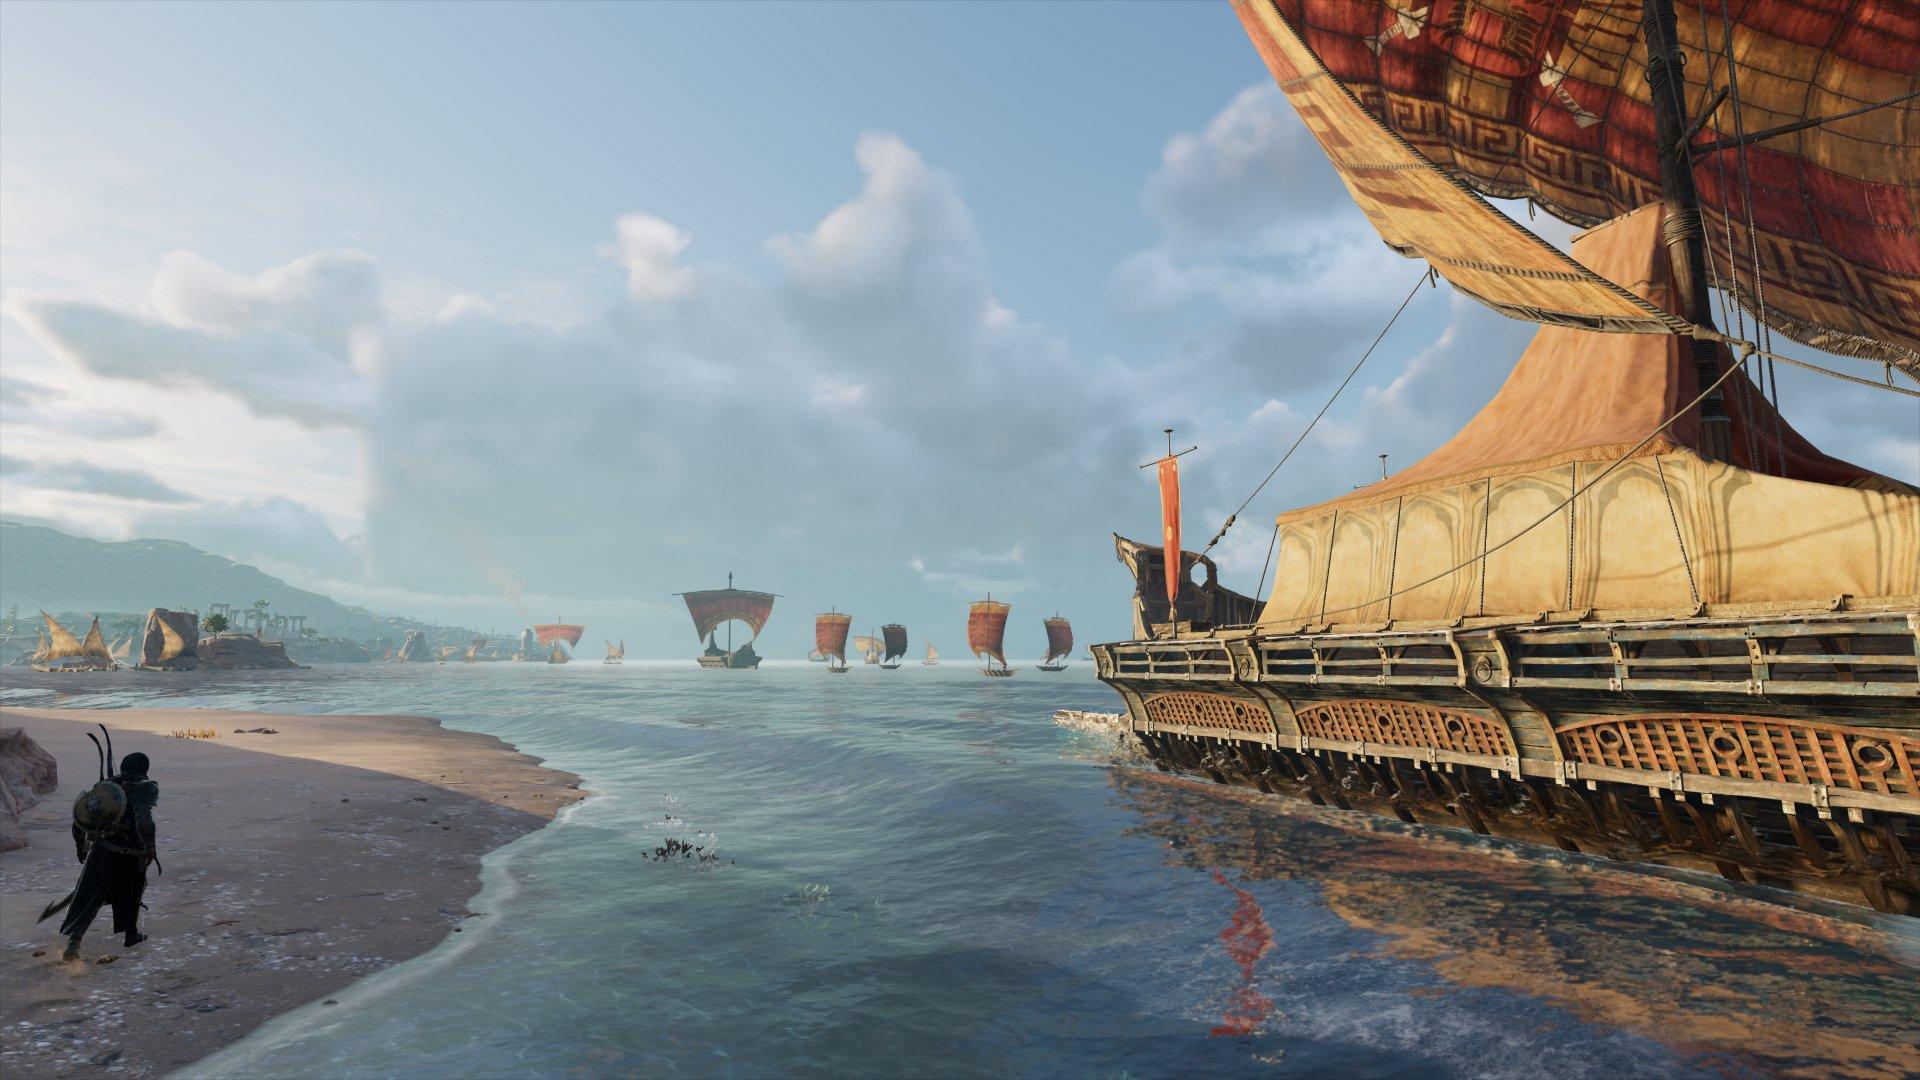 20180219185341.jpg - Assassin's Creed: Origins